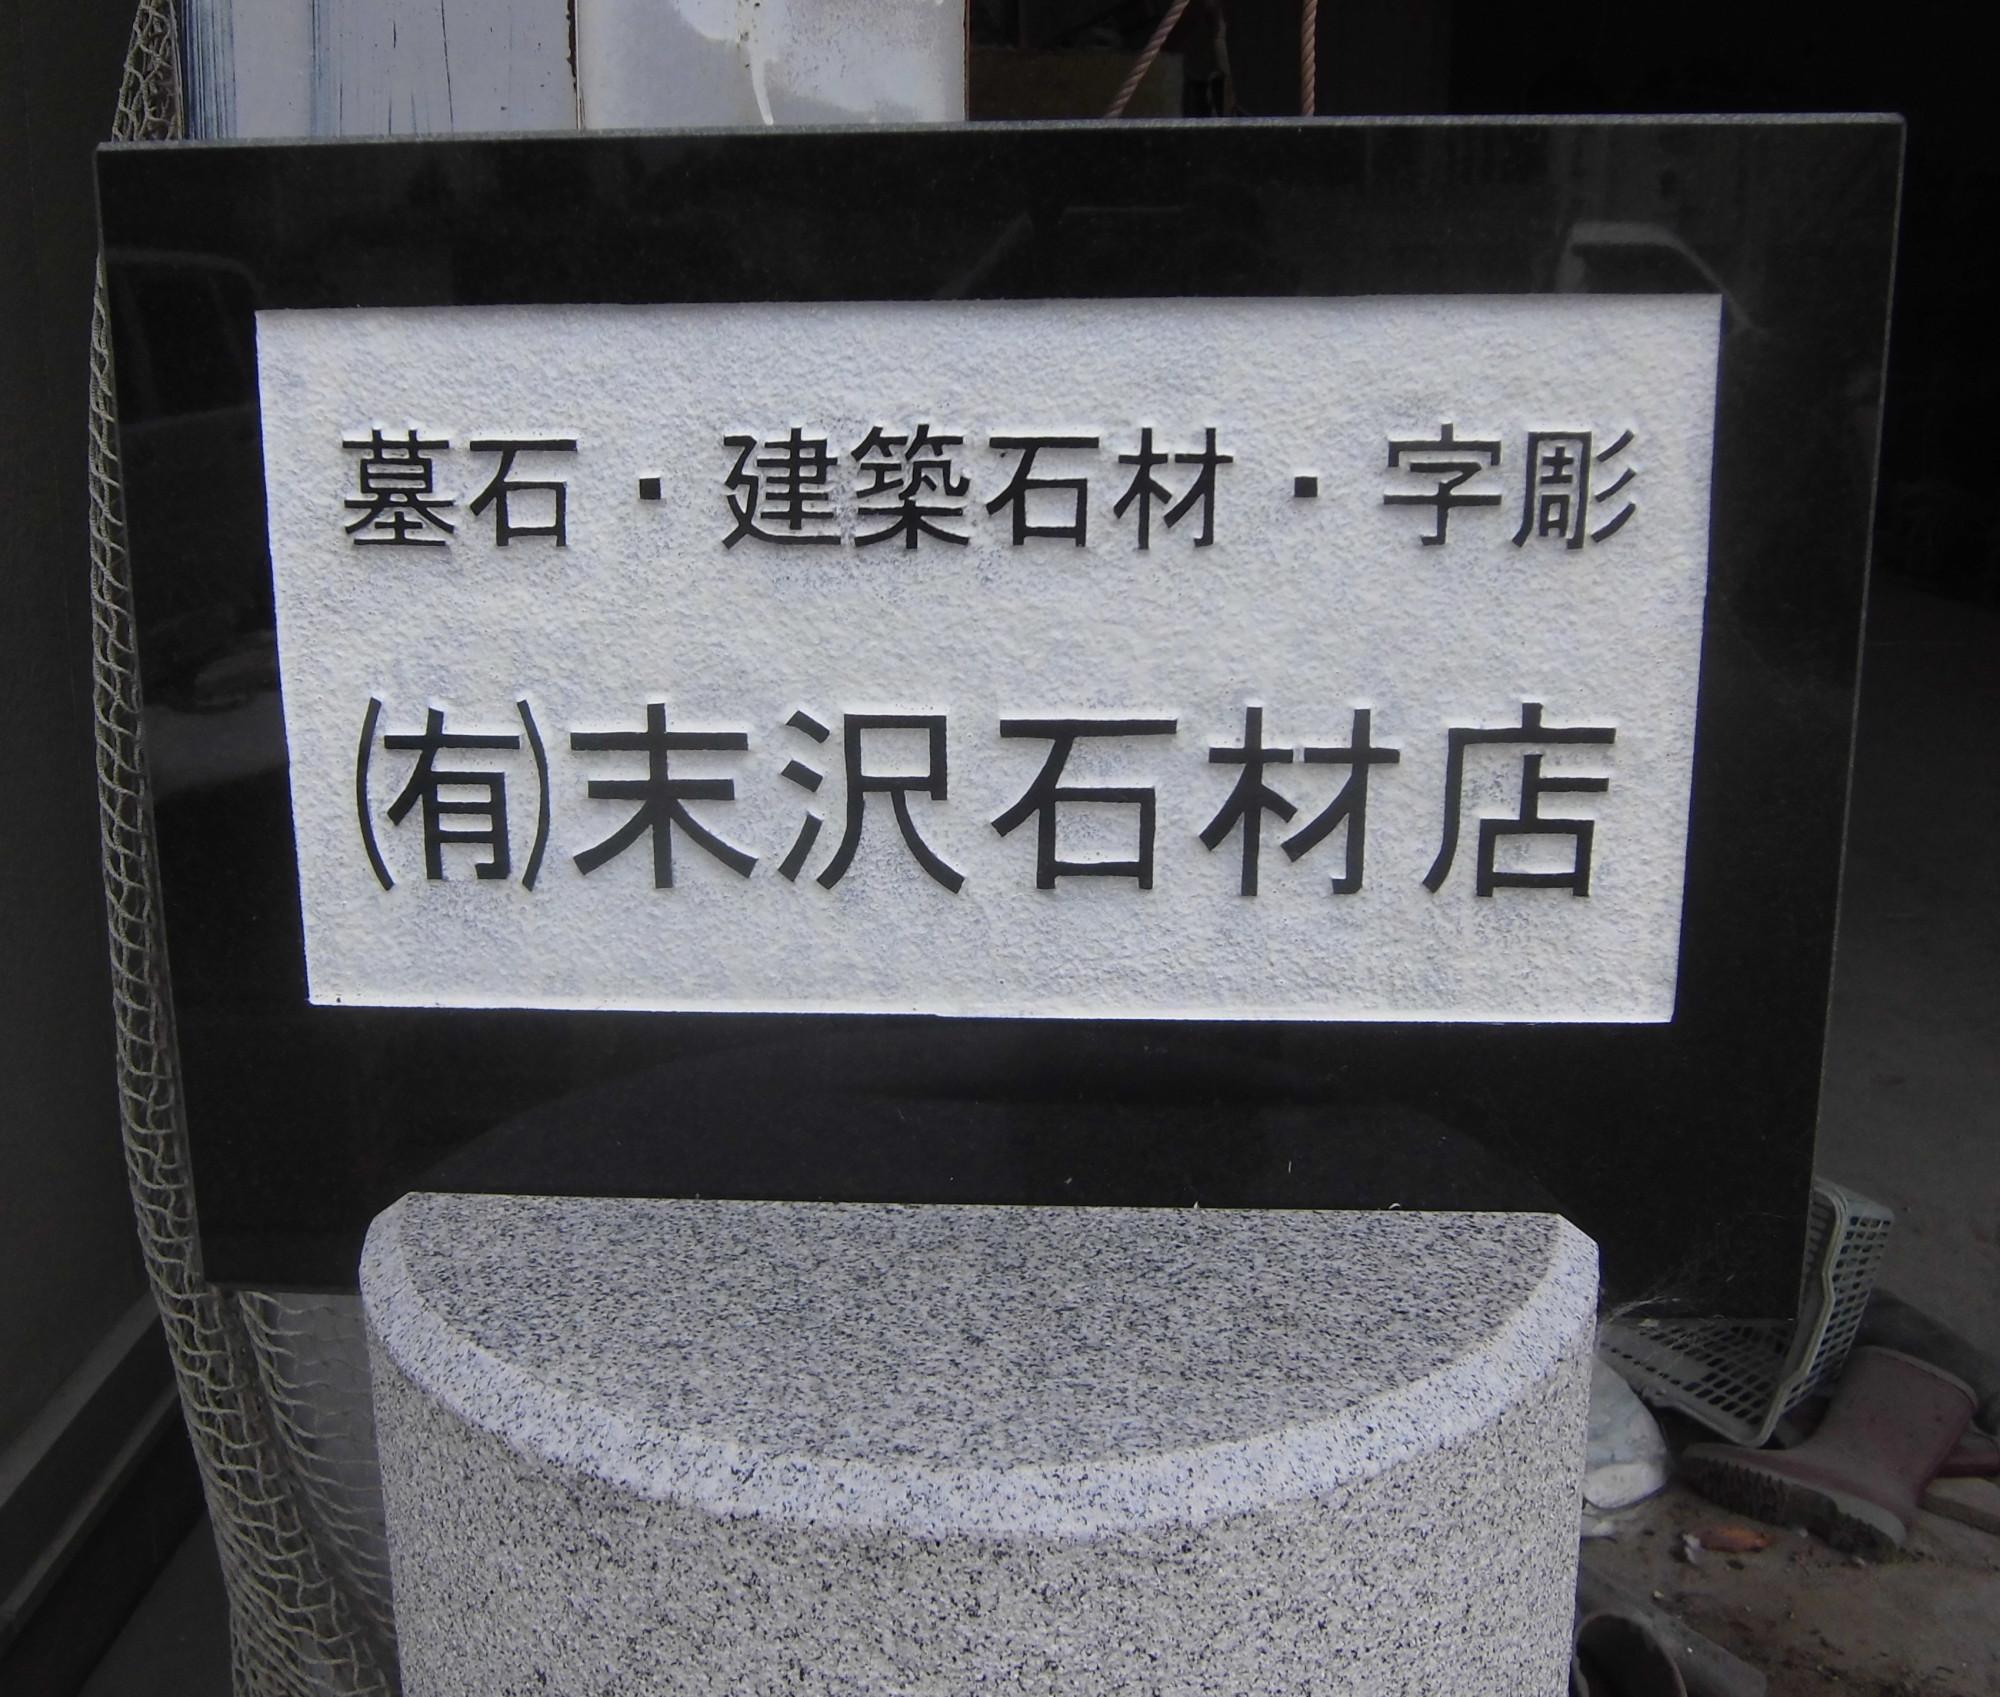 (有)末沢石材店 ホームページへようこそ! TEL (0877) 47-3831